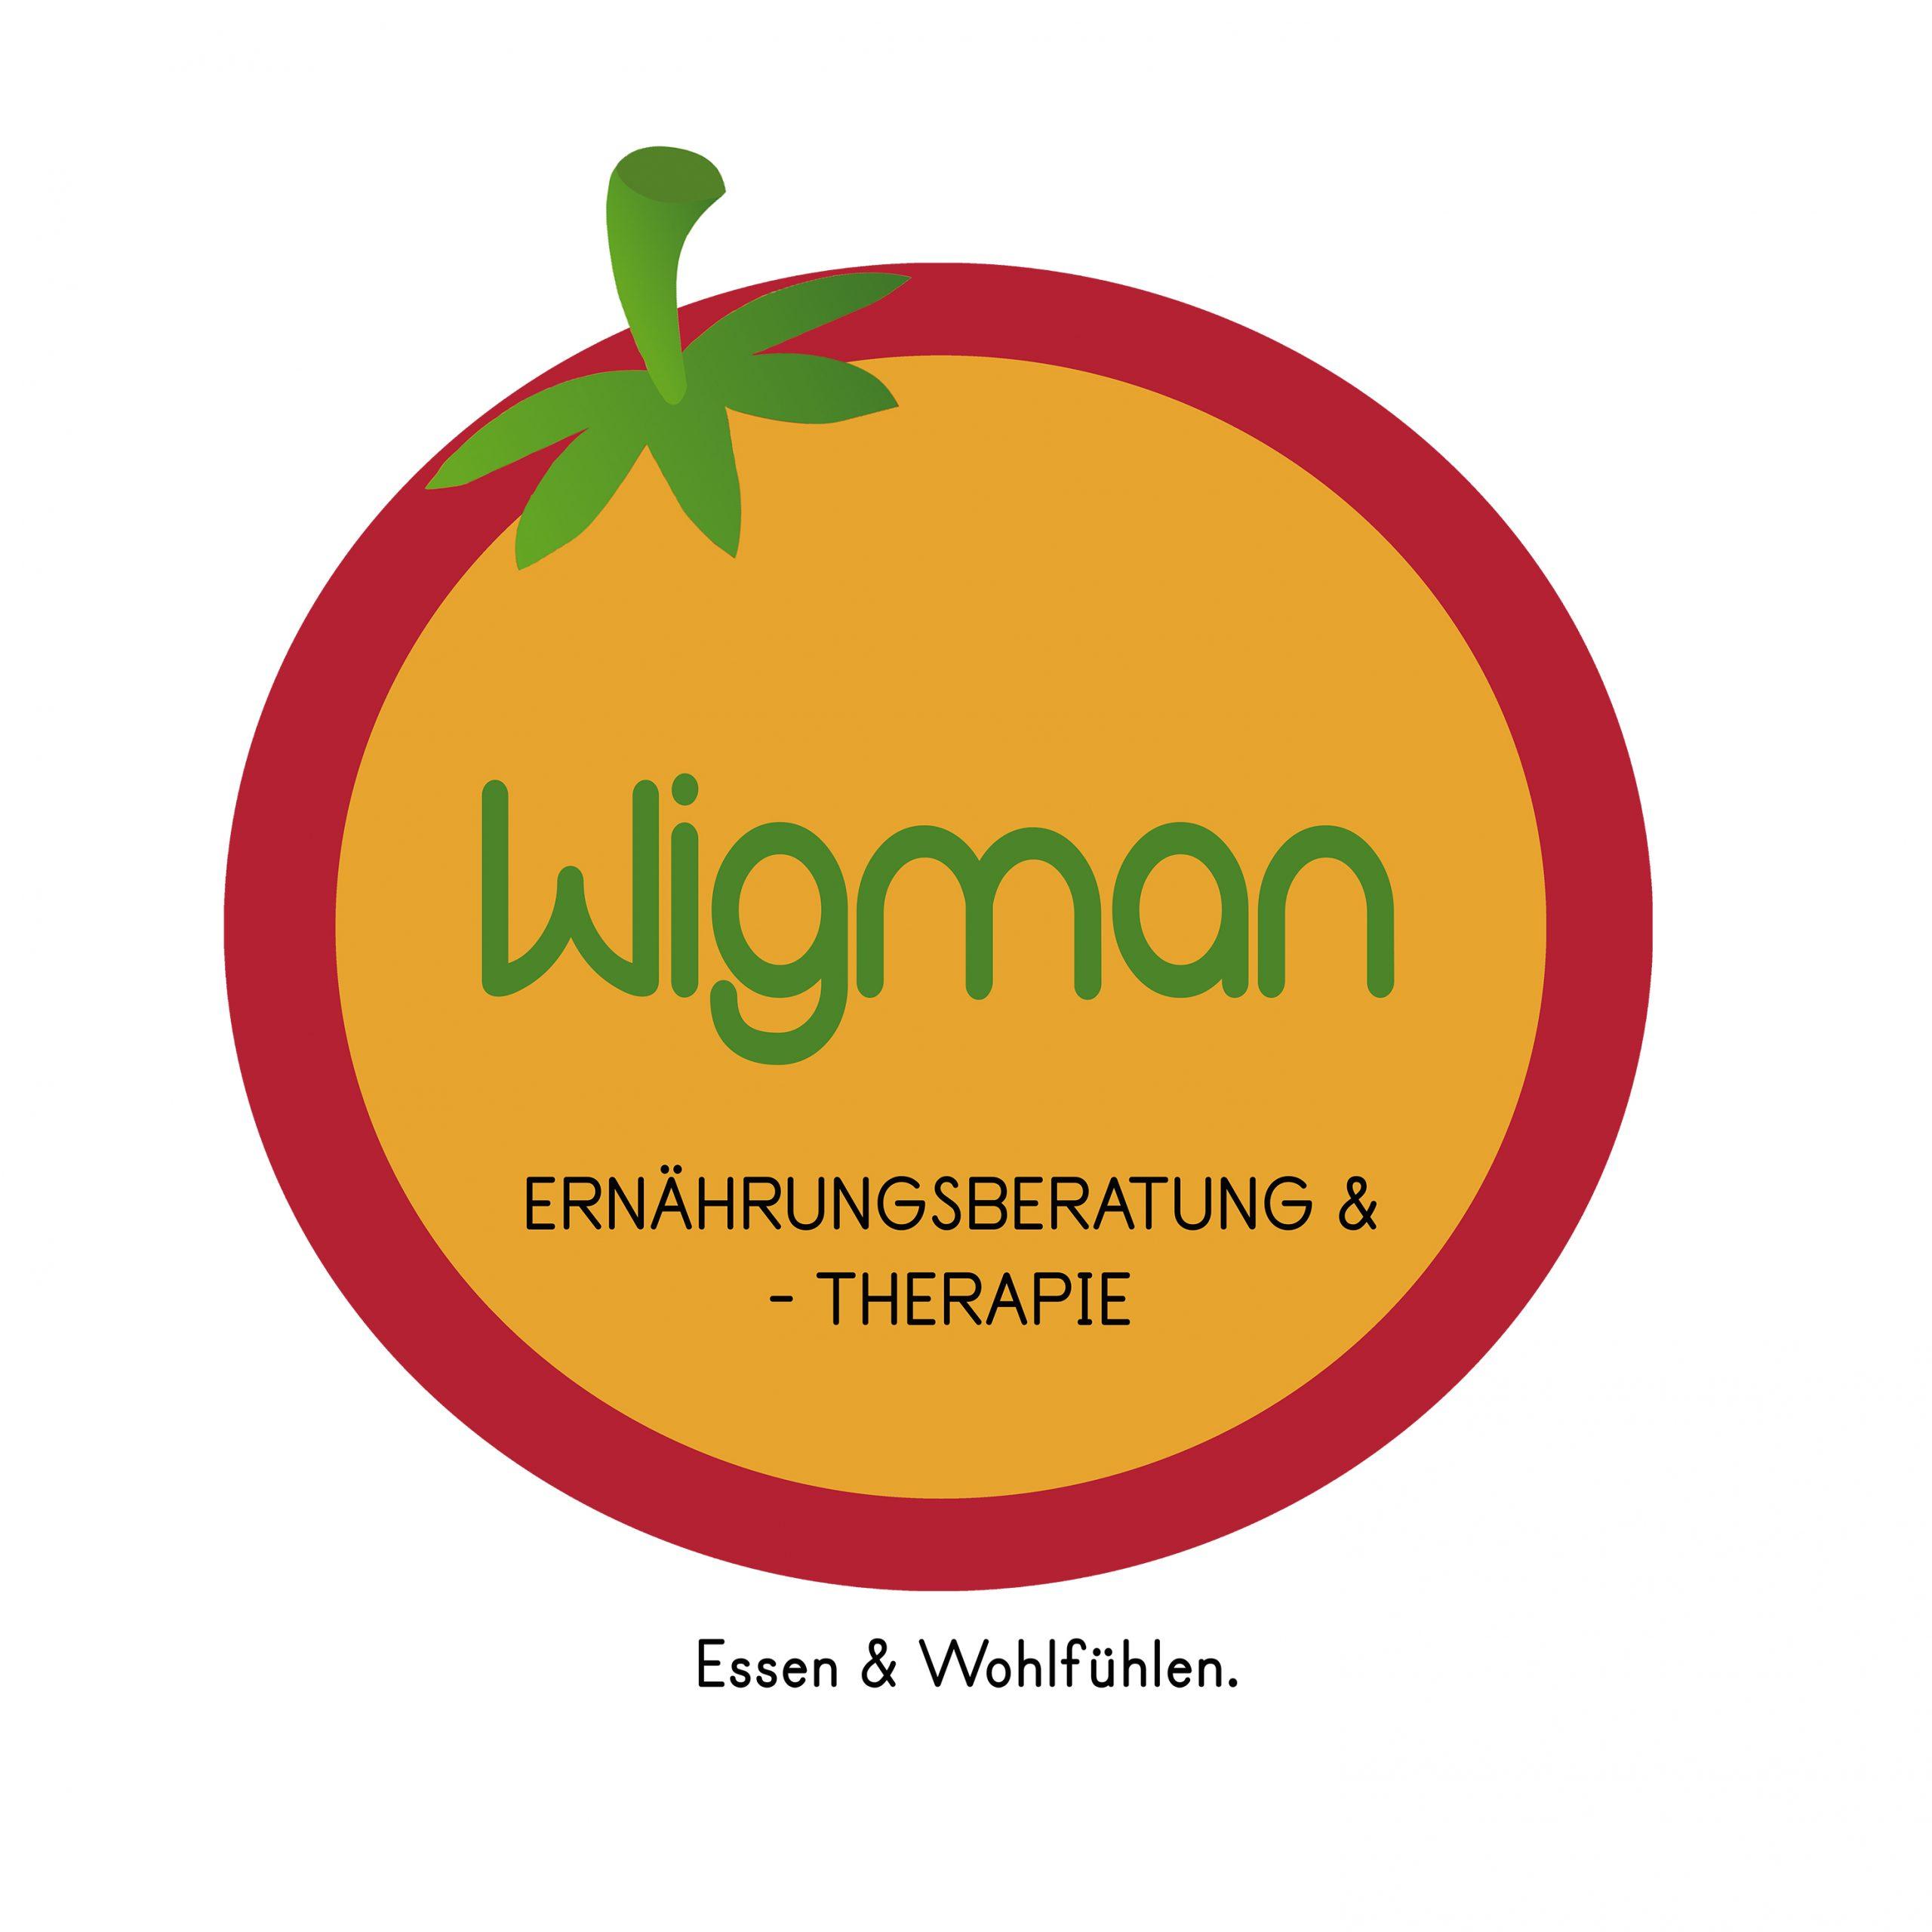 Ernährungsberatung Wigman